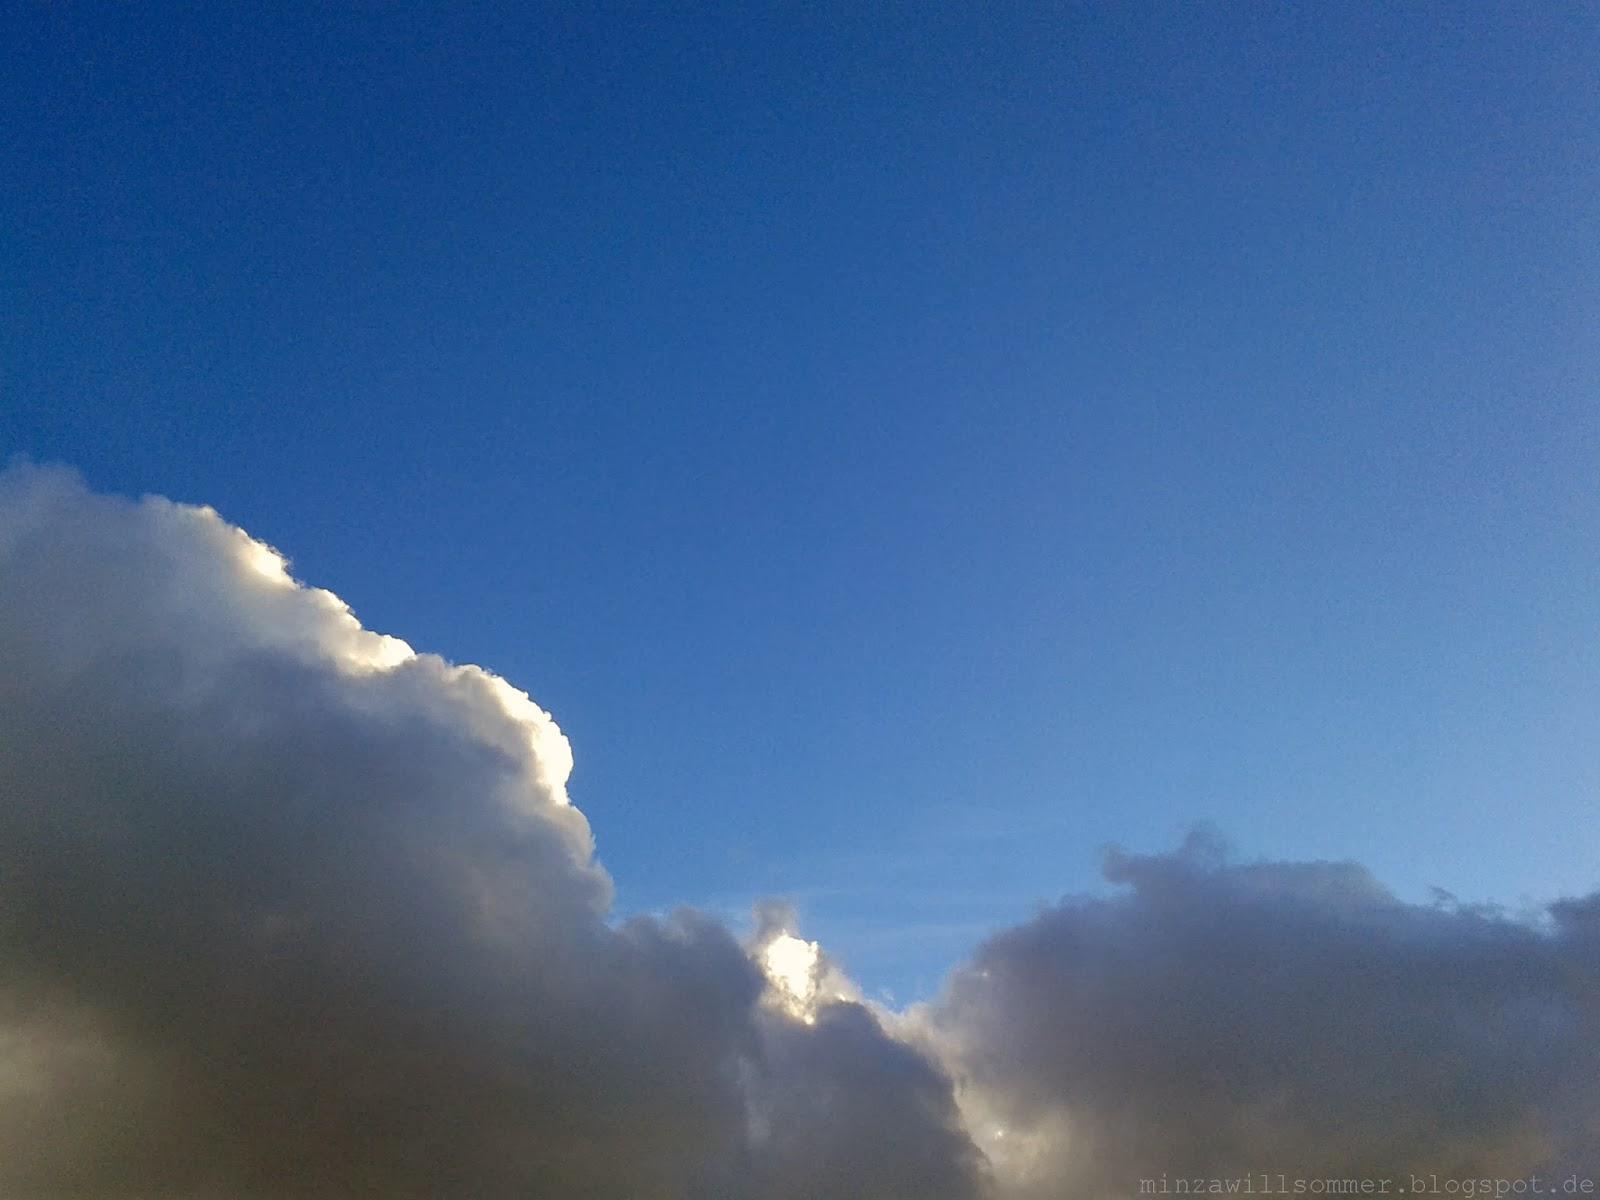 wolken im kopf minza will sommer. Black Bedroom Furniture Sets. Home Design Ideas